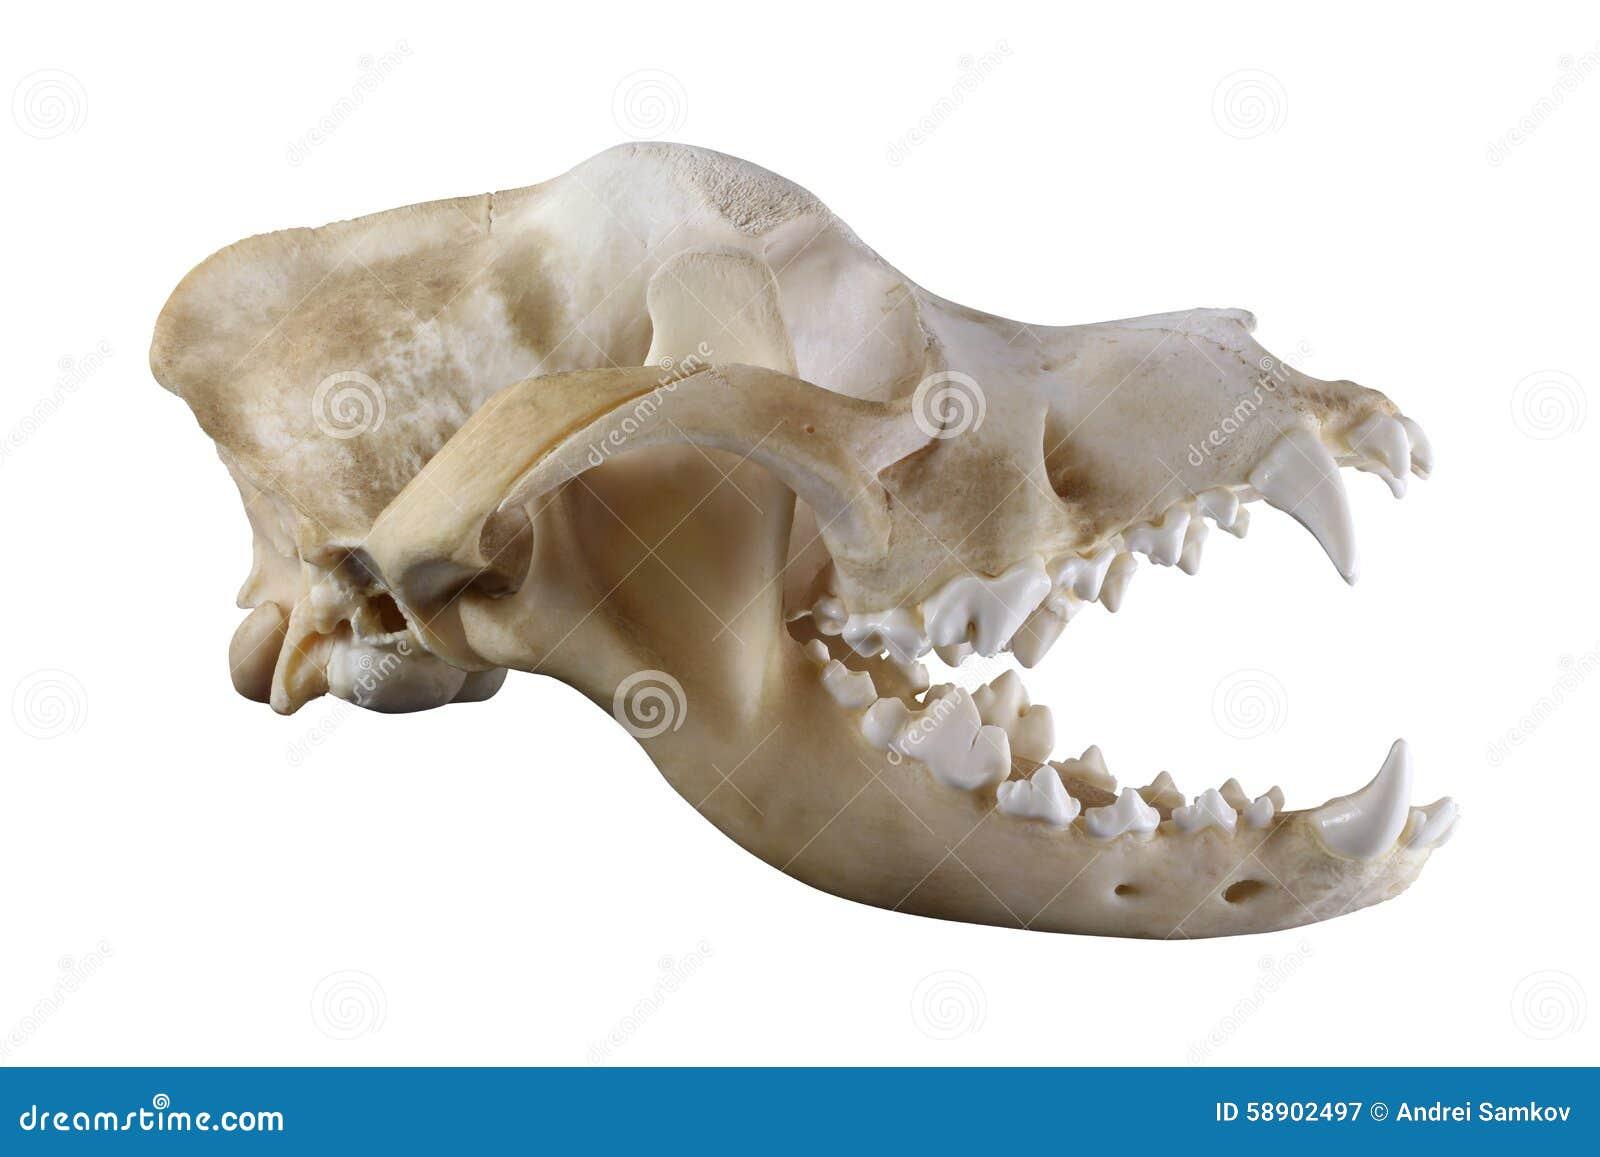 Cráneo Del Perro De St Bernard Aislado En Un Fondo Blanco Imagen de ...